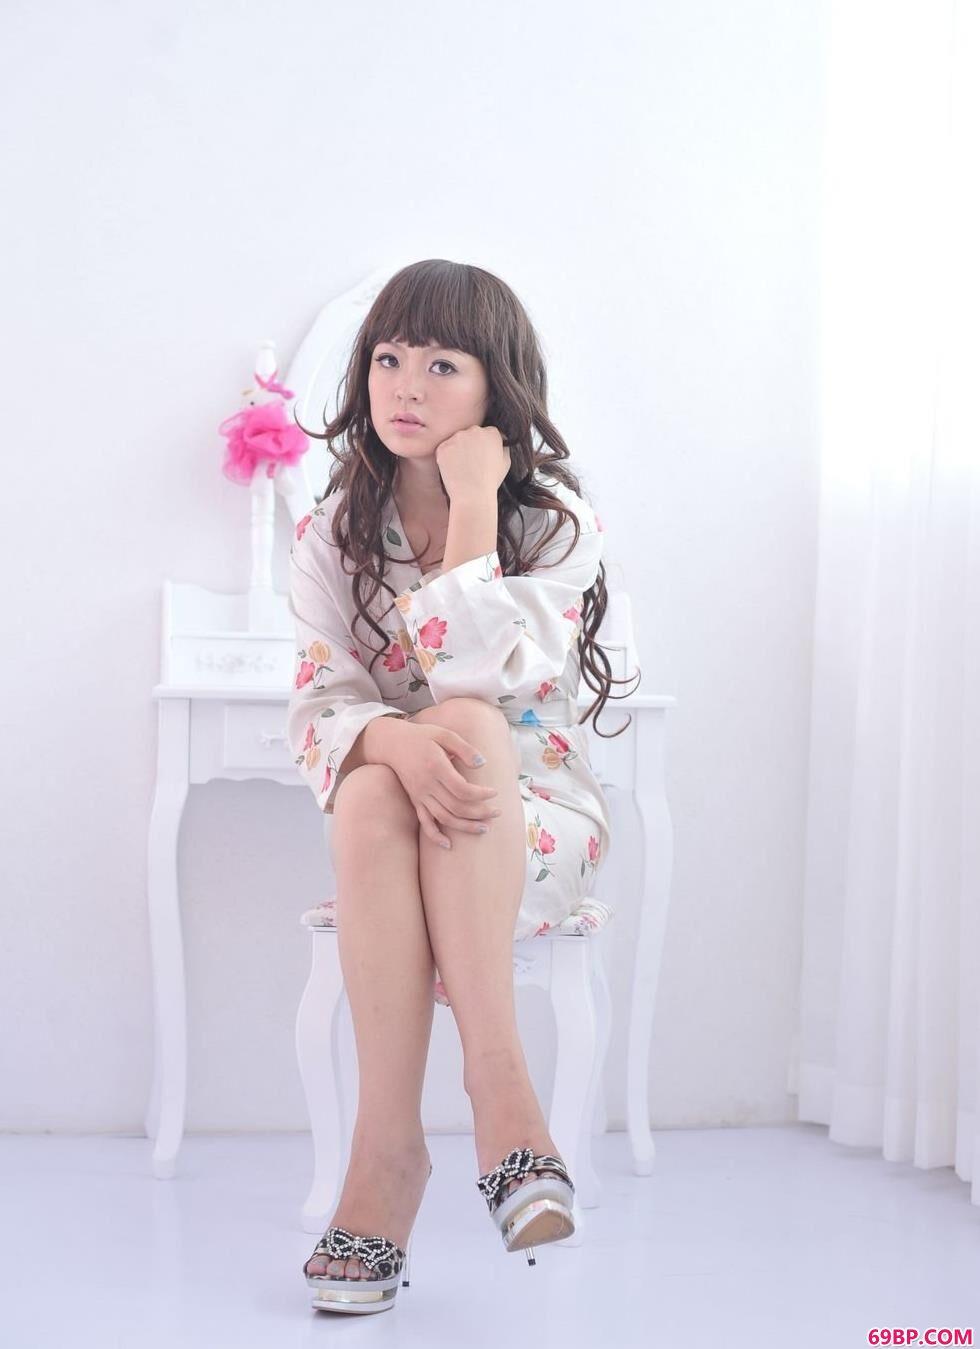 嫩模苏茜梳妆镜前的粉色撩人美体_日本裸交